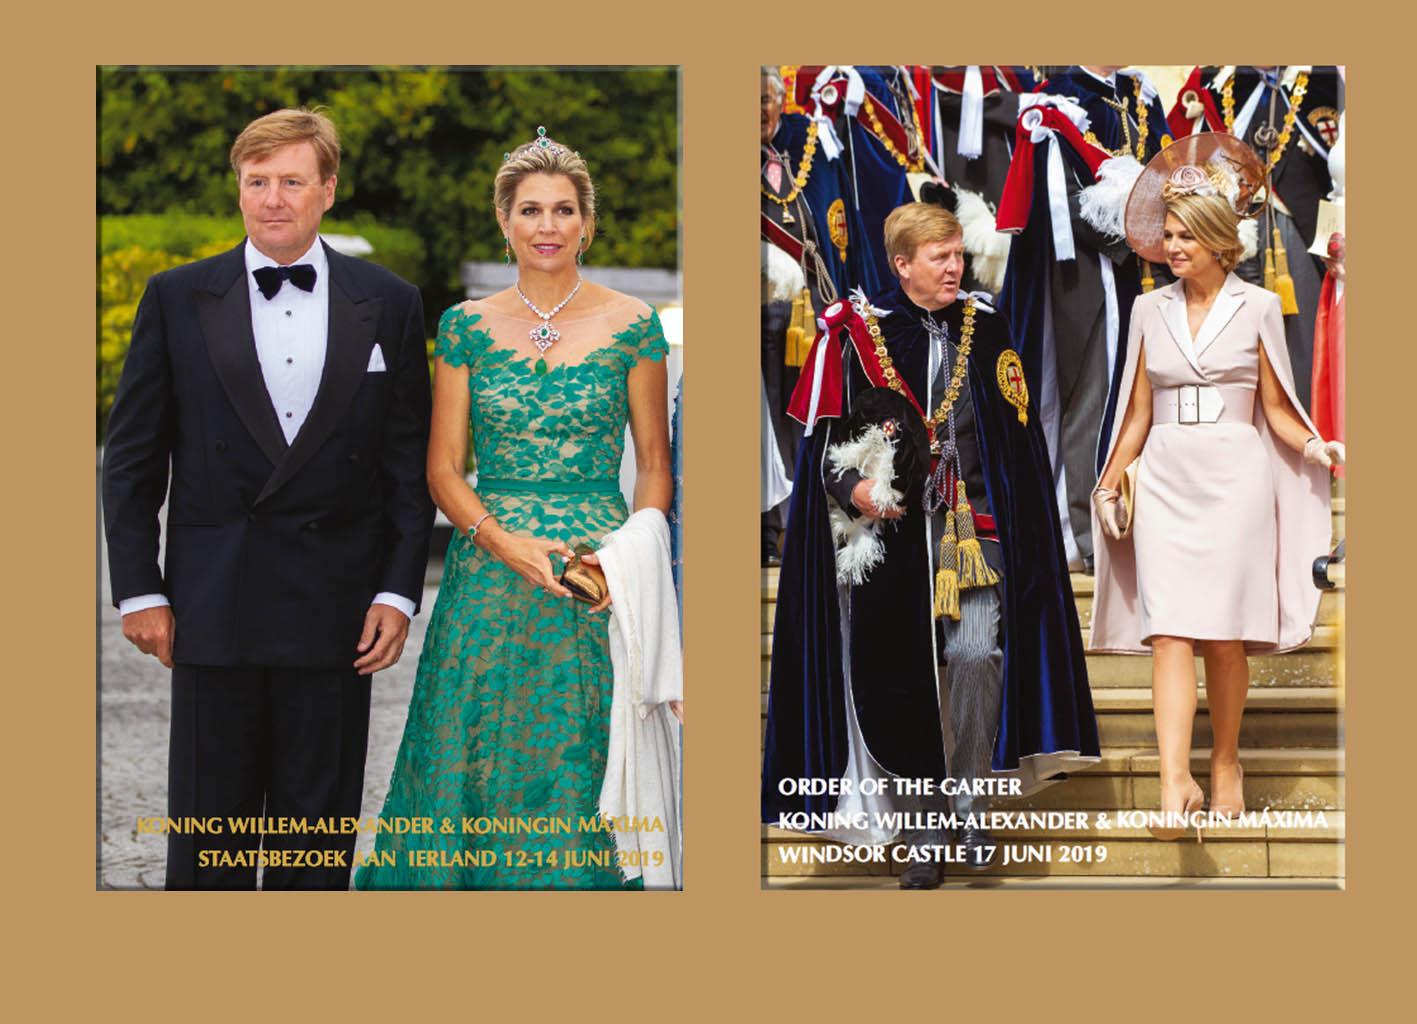 ecfcb3597f2 Twee Foto Magazines formaat A4 voor speciale combideal prijs €37,50 Normale  prijs €42,44. Staatsbezoek Ierland / Order of the Garter & Ascot 2019 20 ...